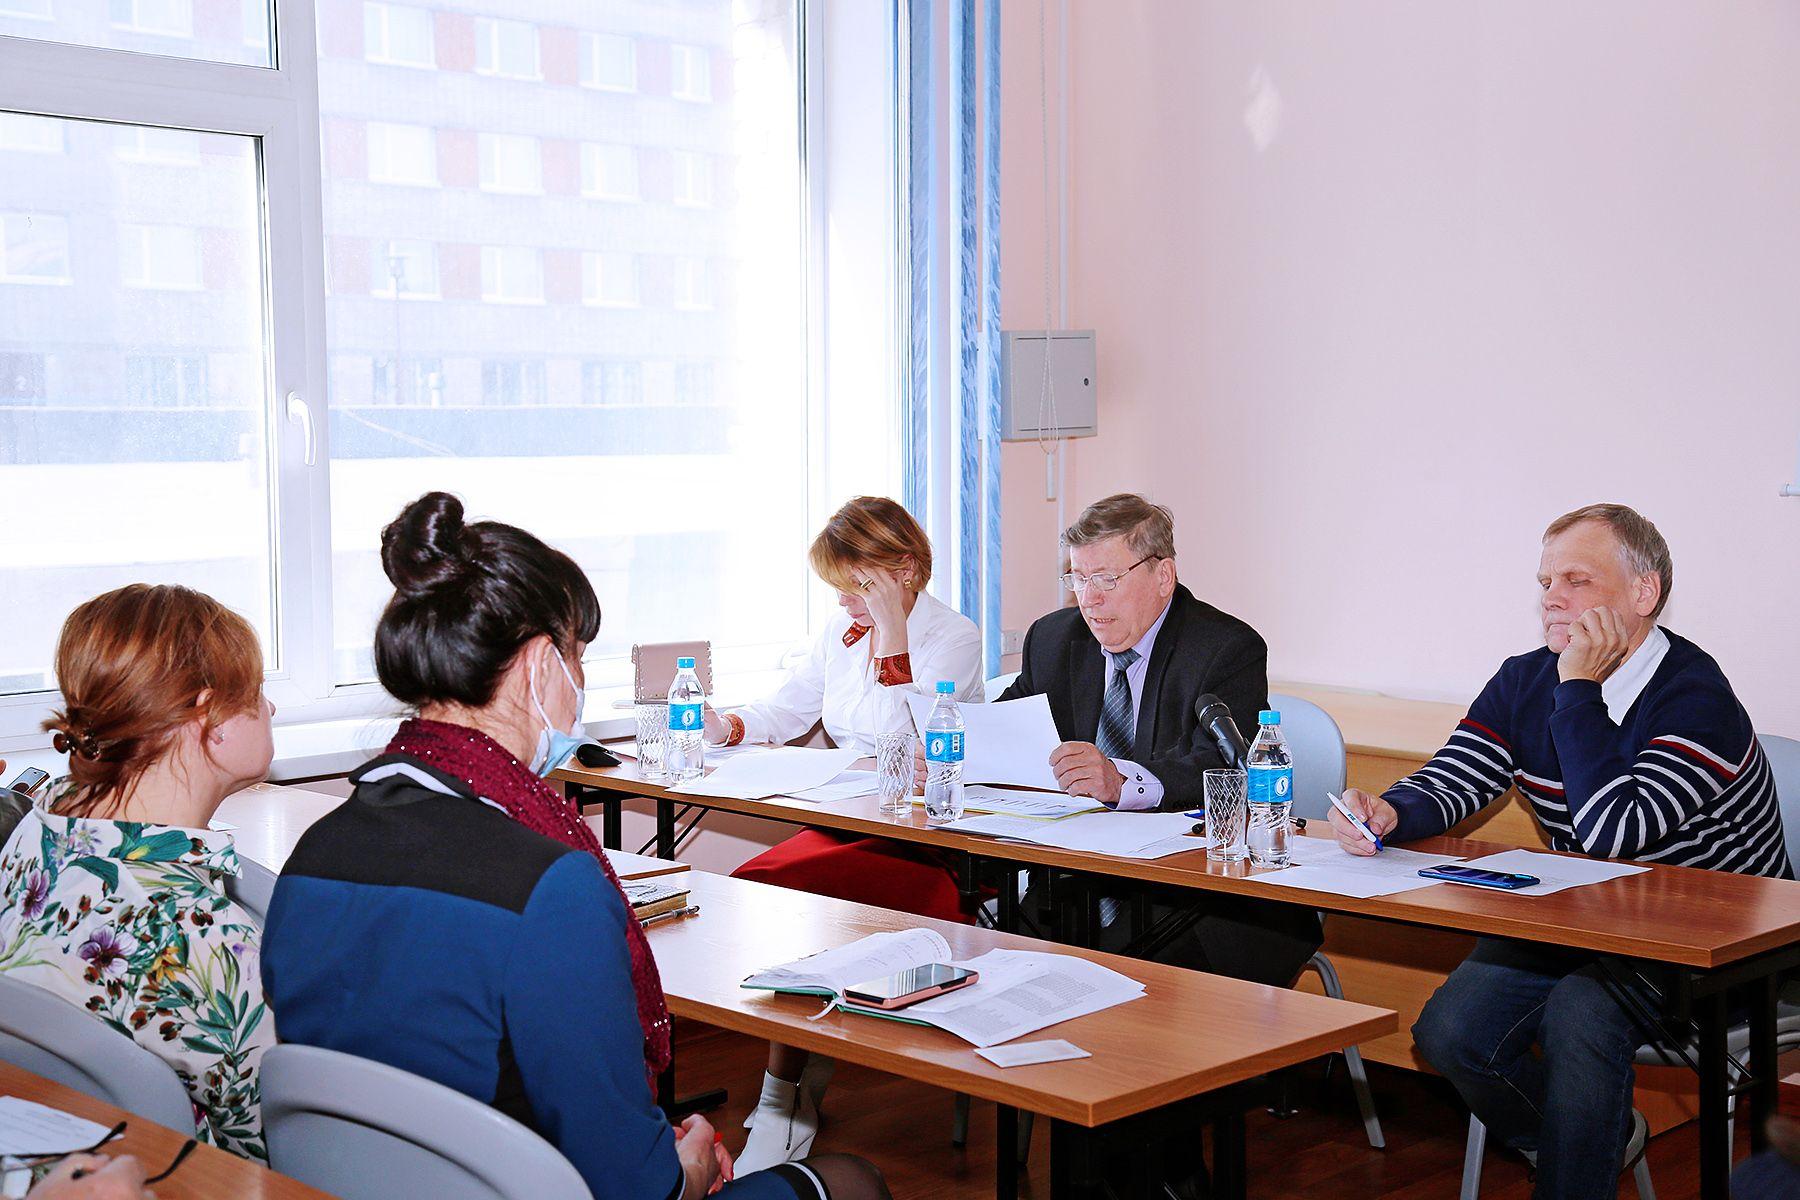 Ректор Татьяна Терентьева: Подготовка аспирантов — в числе приоритетов ВГУЭС